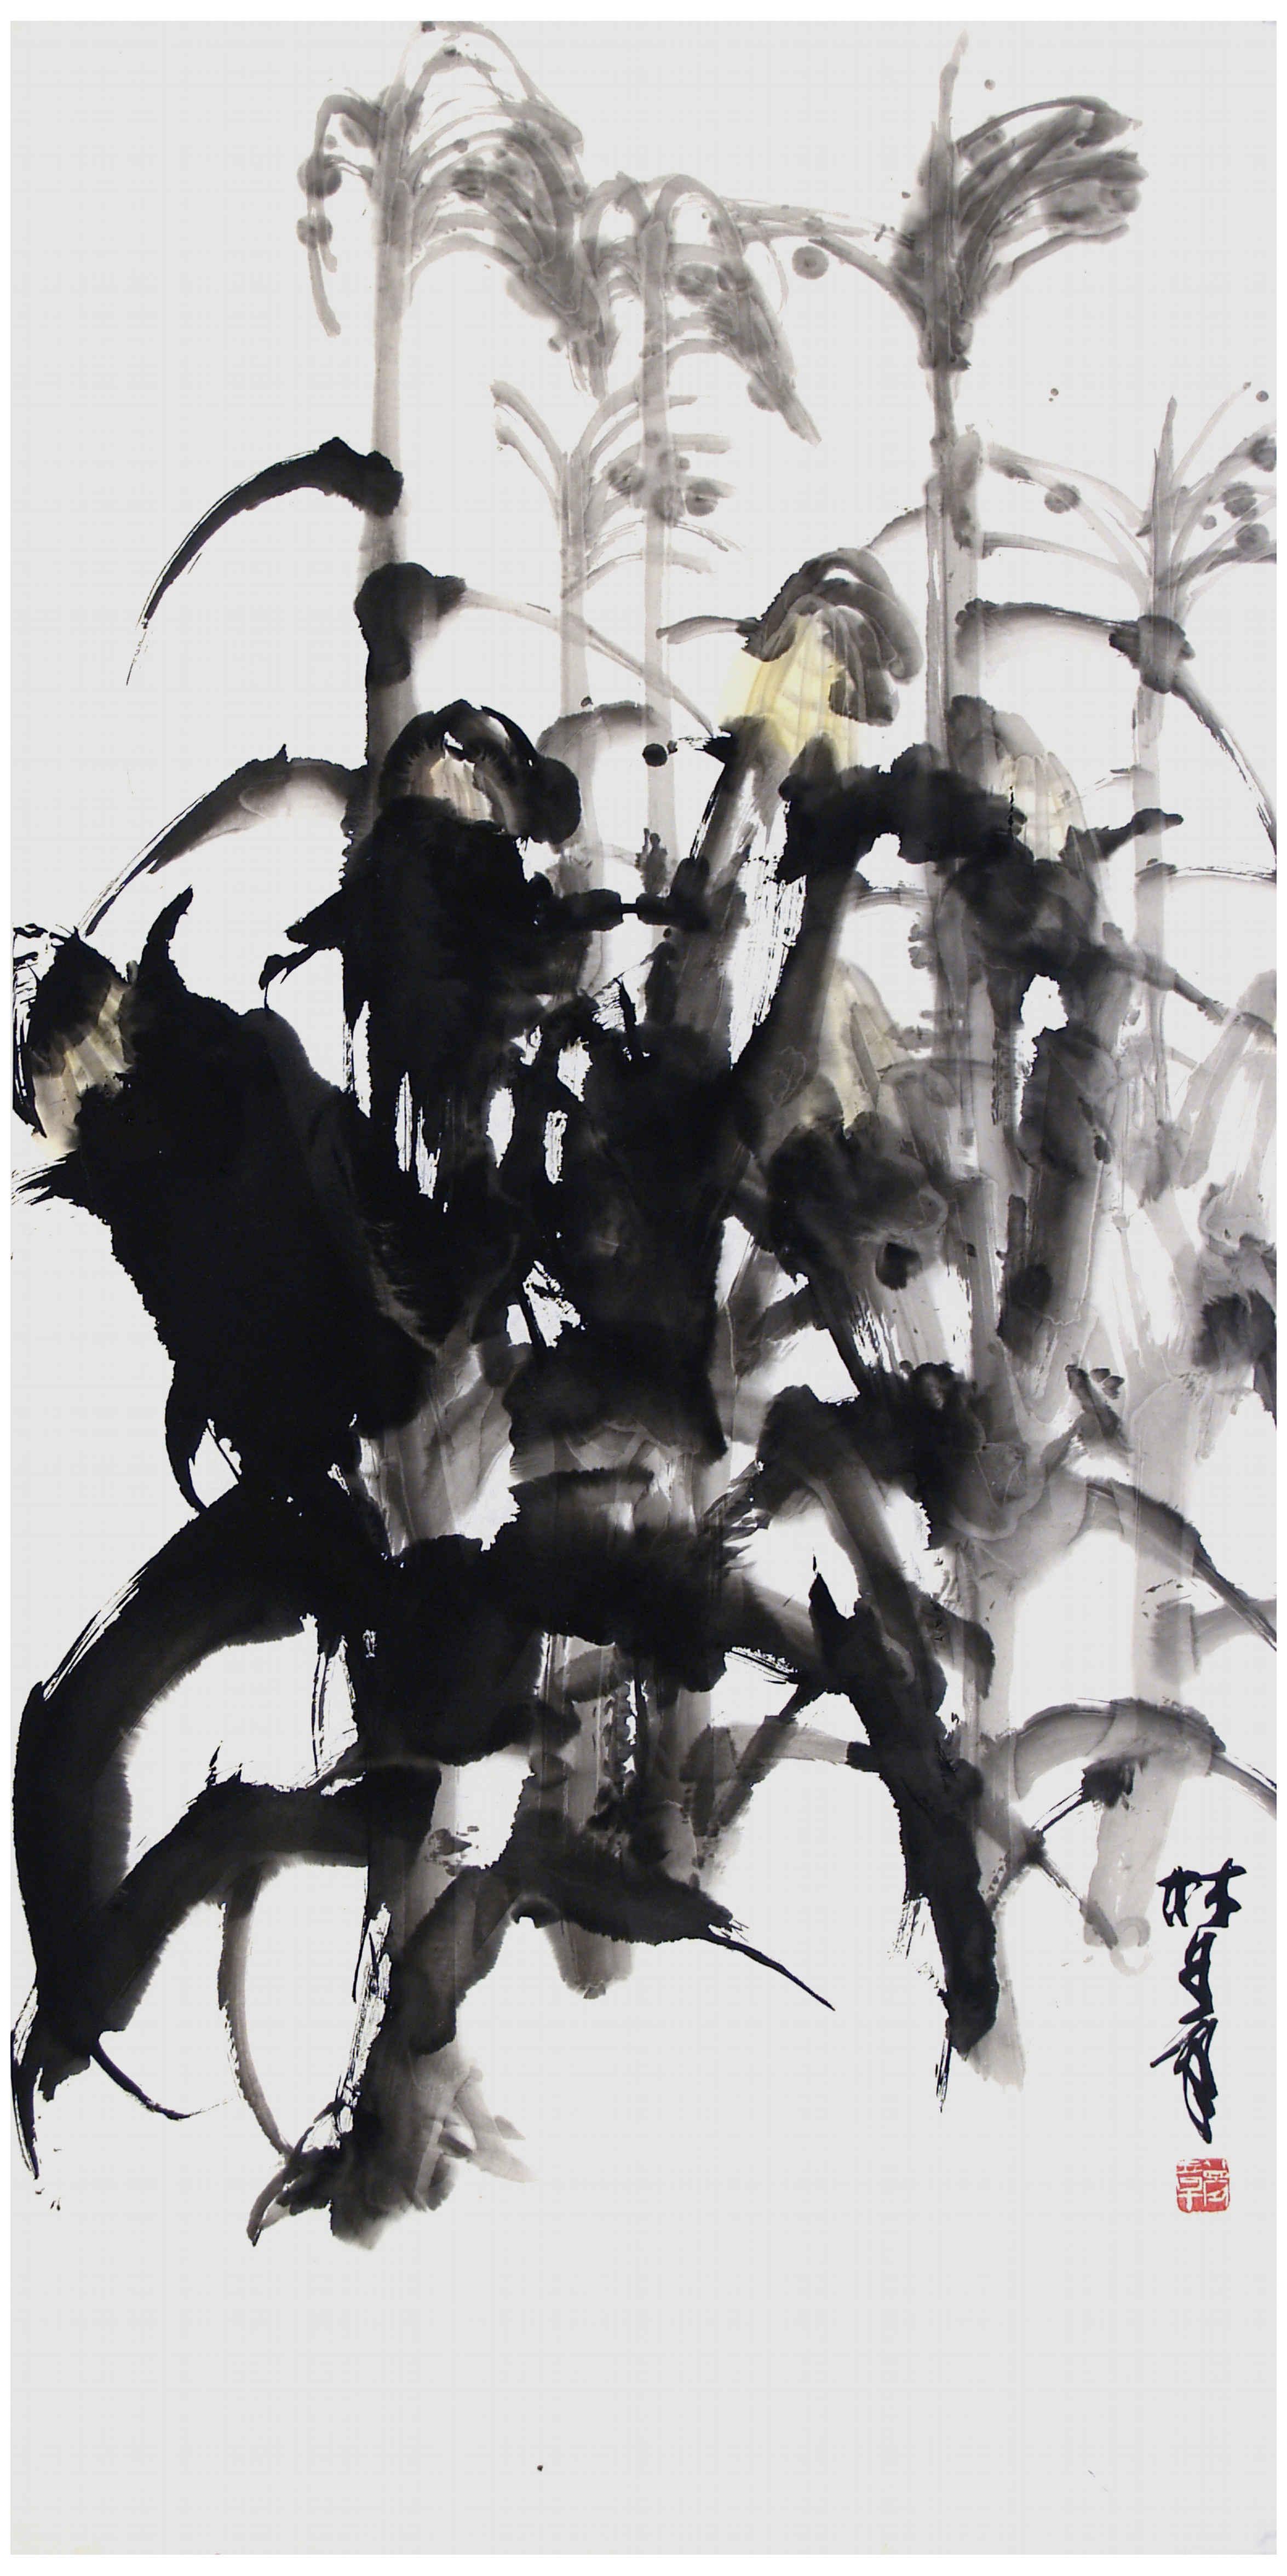 中國畫的技法並不是墨守陳規,一成不變,文人畫水墨畫正沿着「百花齊放」的方針不斷前進。無數曆代大師或當代各家的經驗成果,都是滋養我的藝術走向成熟的沃土,我懷着依戀和感激之情跪拜故鄉大地! (轉載自:1993年,齊夢章 著,人民美術出版社 出版,中國,《夢章畫集》-自序) 畫「大寫意」要對所畫對象進行反復的、細膩的觀察,從中探尋出自己所感悟的最具代表性的、最美的特徵。 在把握了這些特徵的基礎上放開具體技法的束縛大膽地運用筆墨去寫,寫出自己心意中凝聚出的超越出所畫對象的單純的形的旋律性的東西。 水墨的濃淡乾